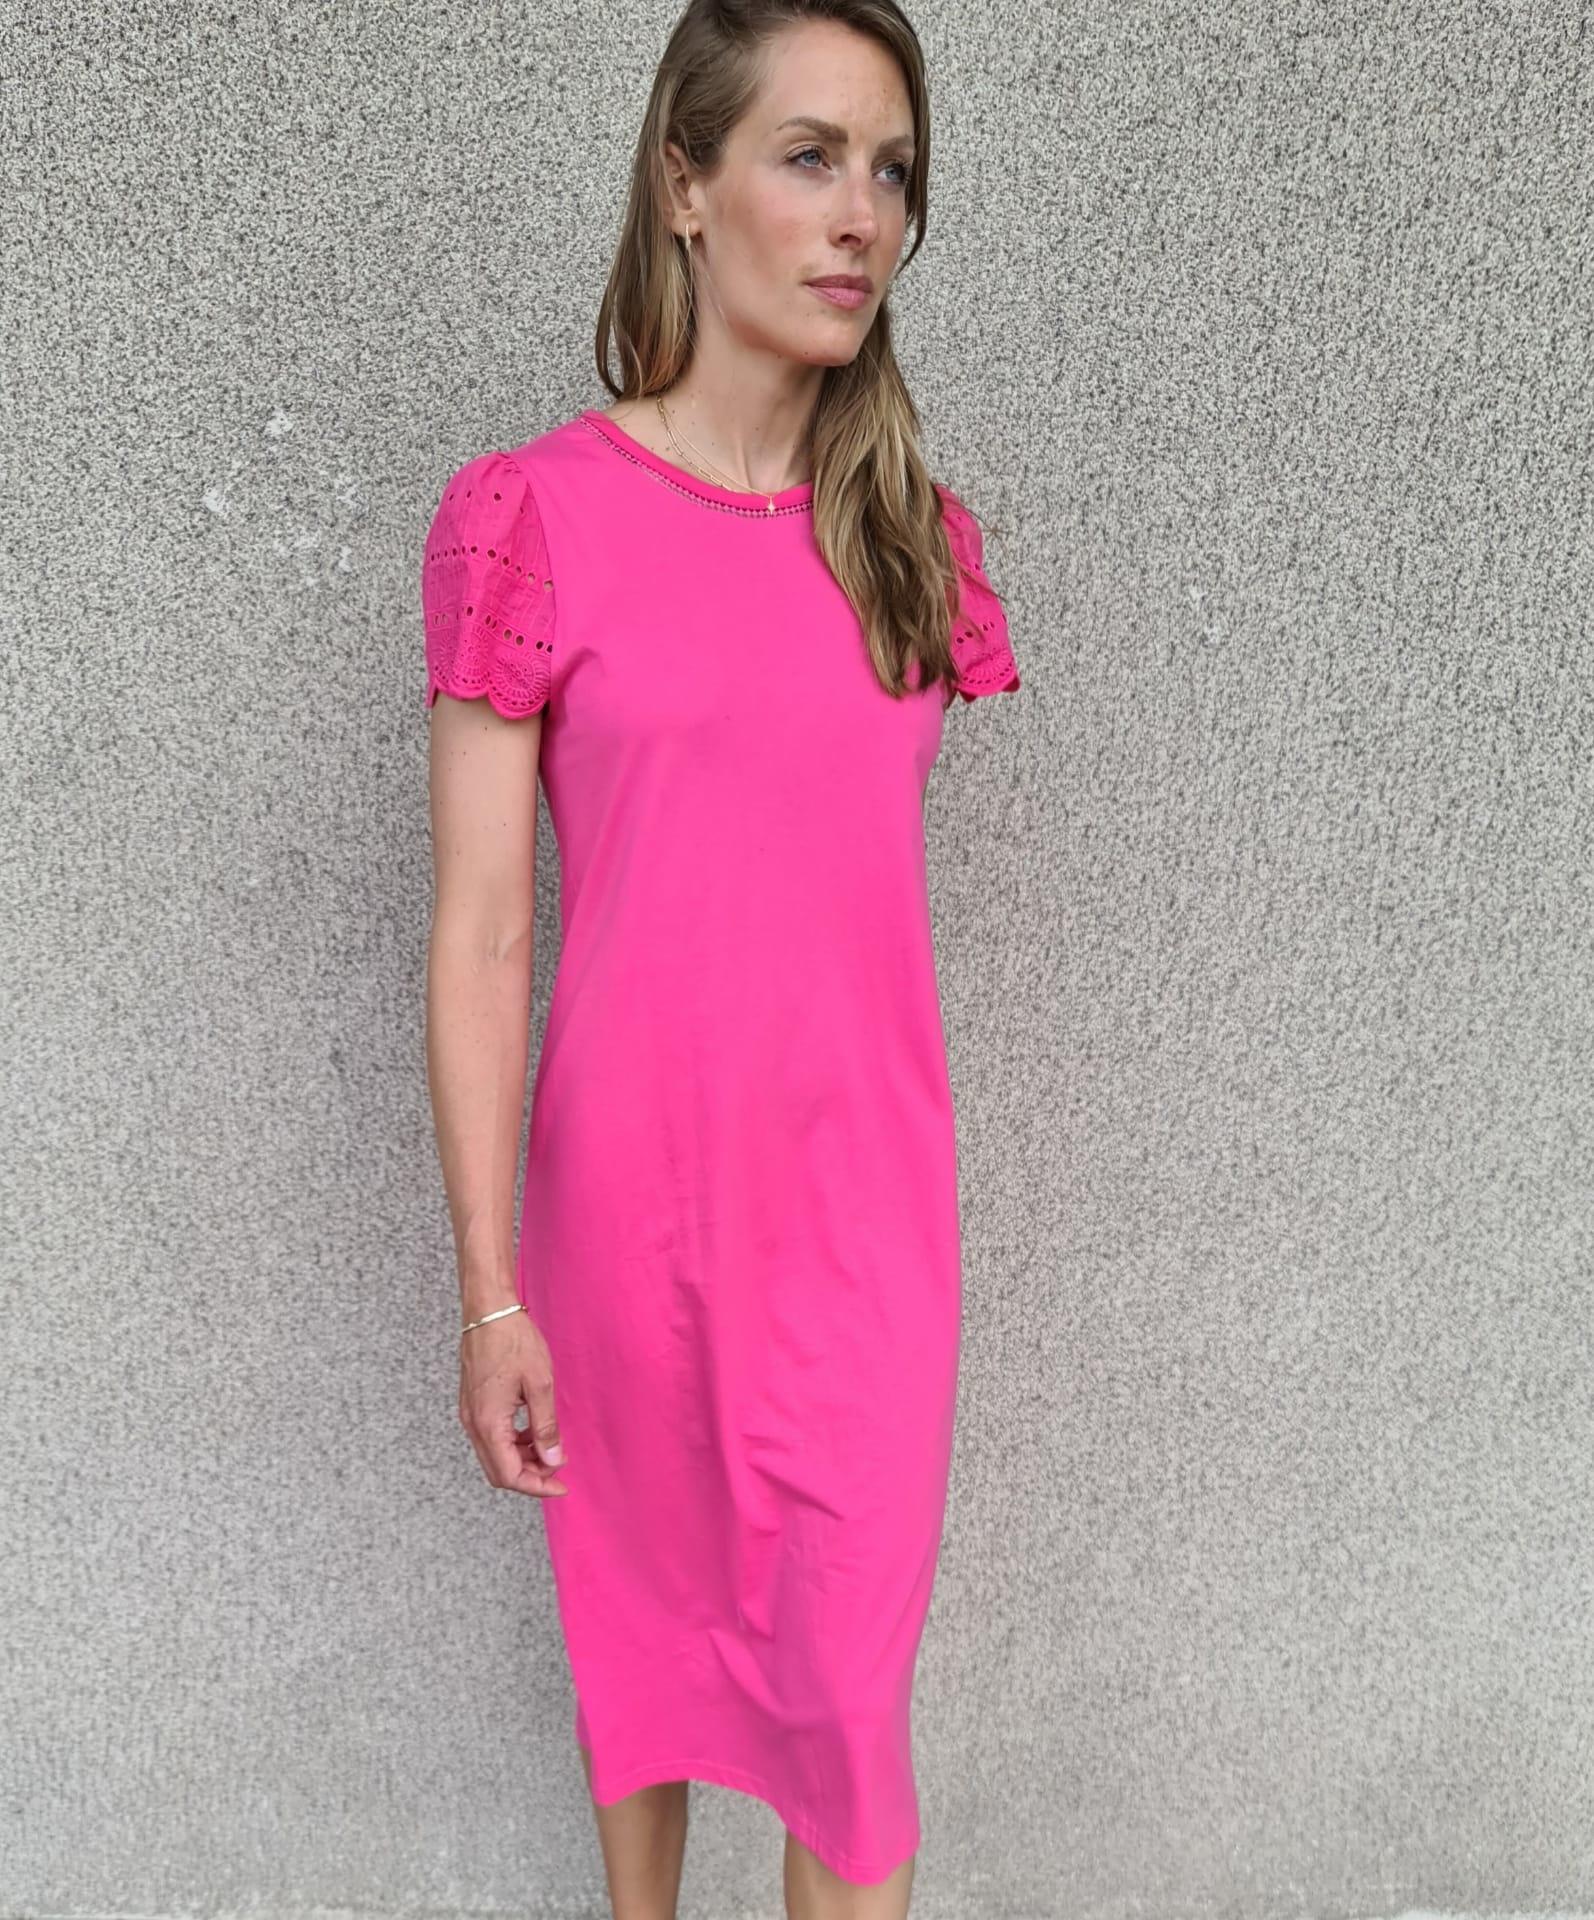 SIGNA robe-6